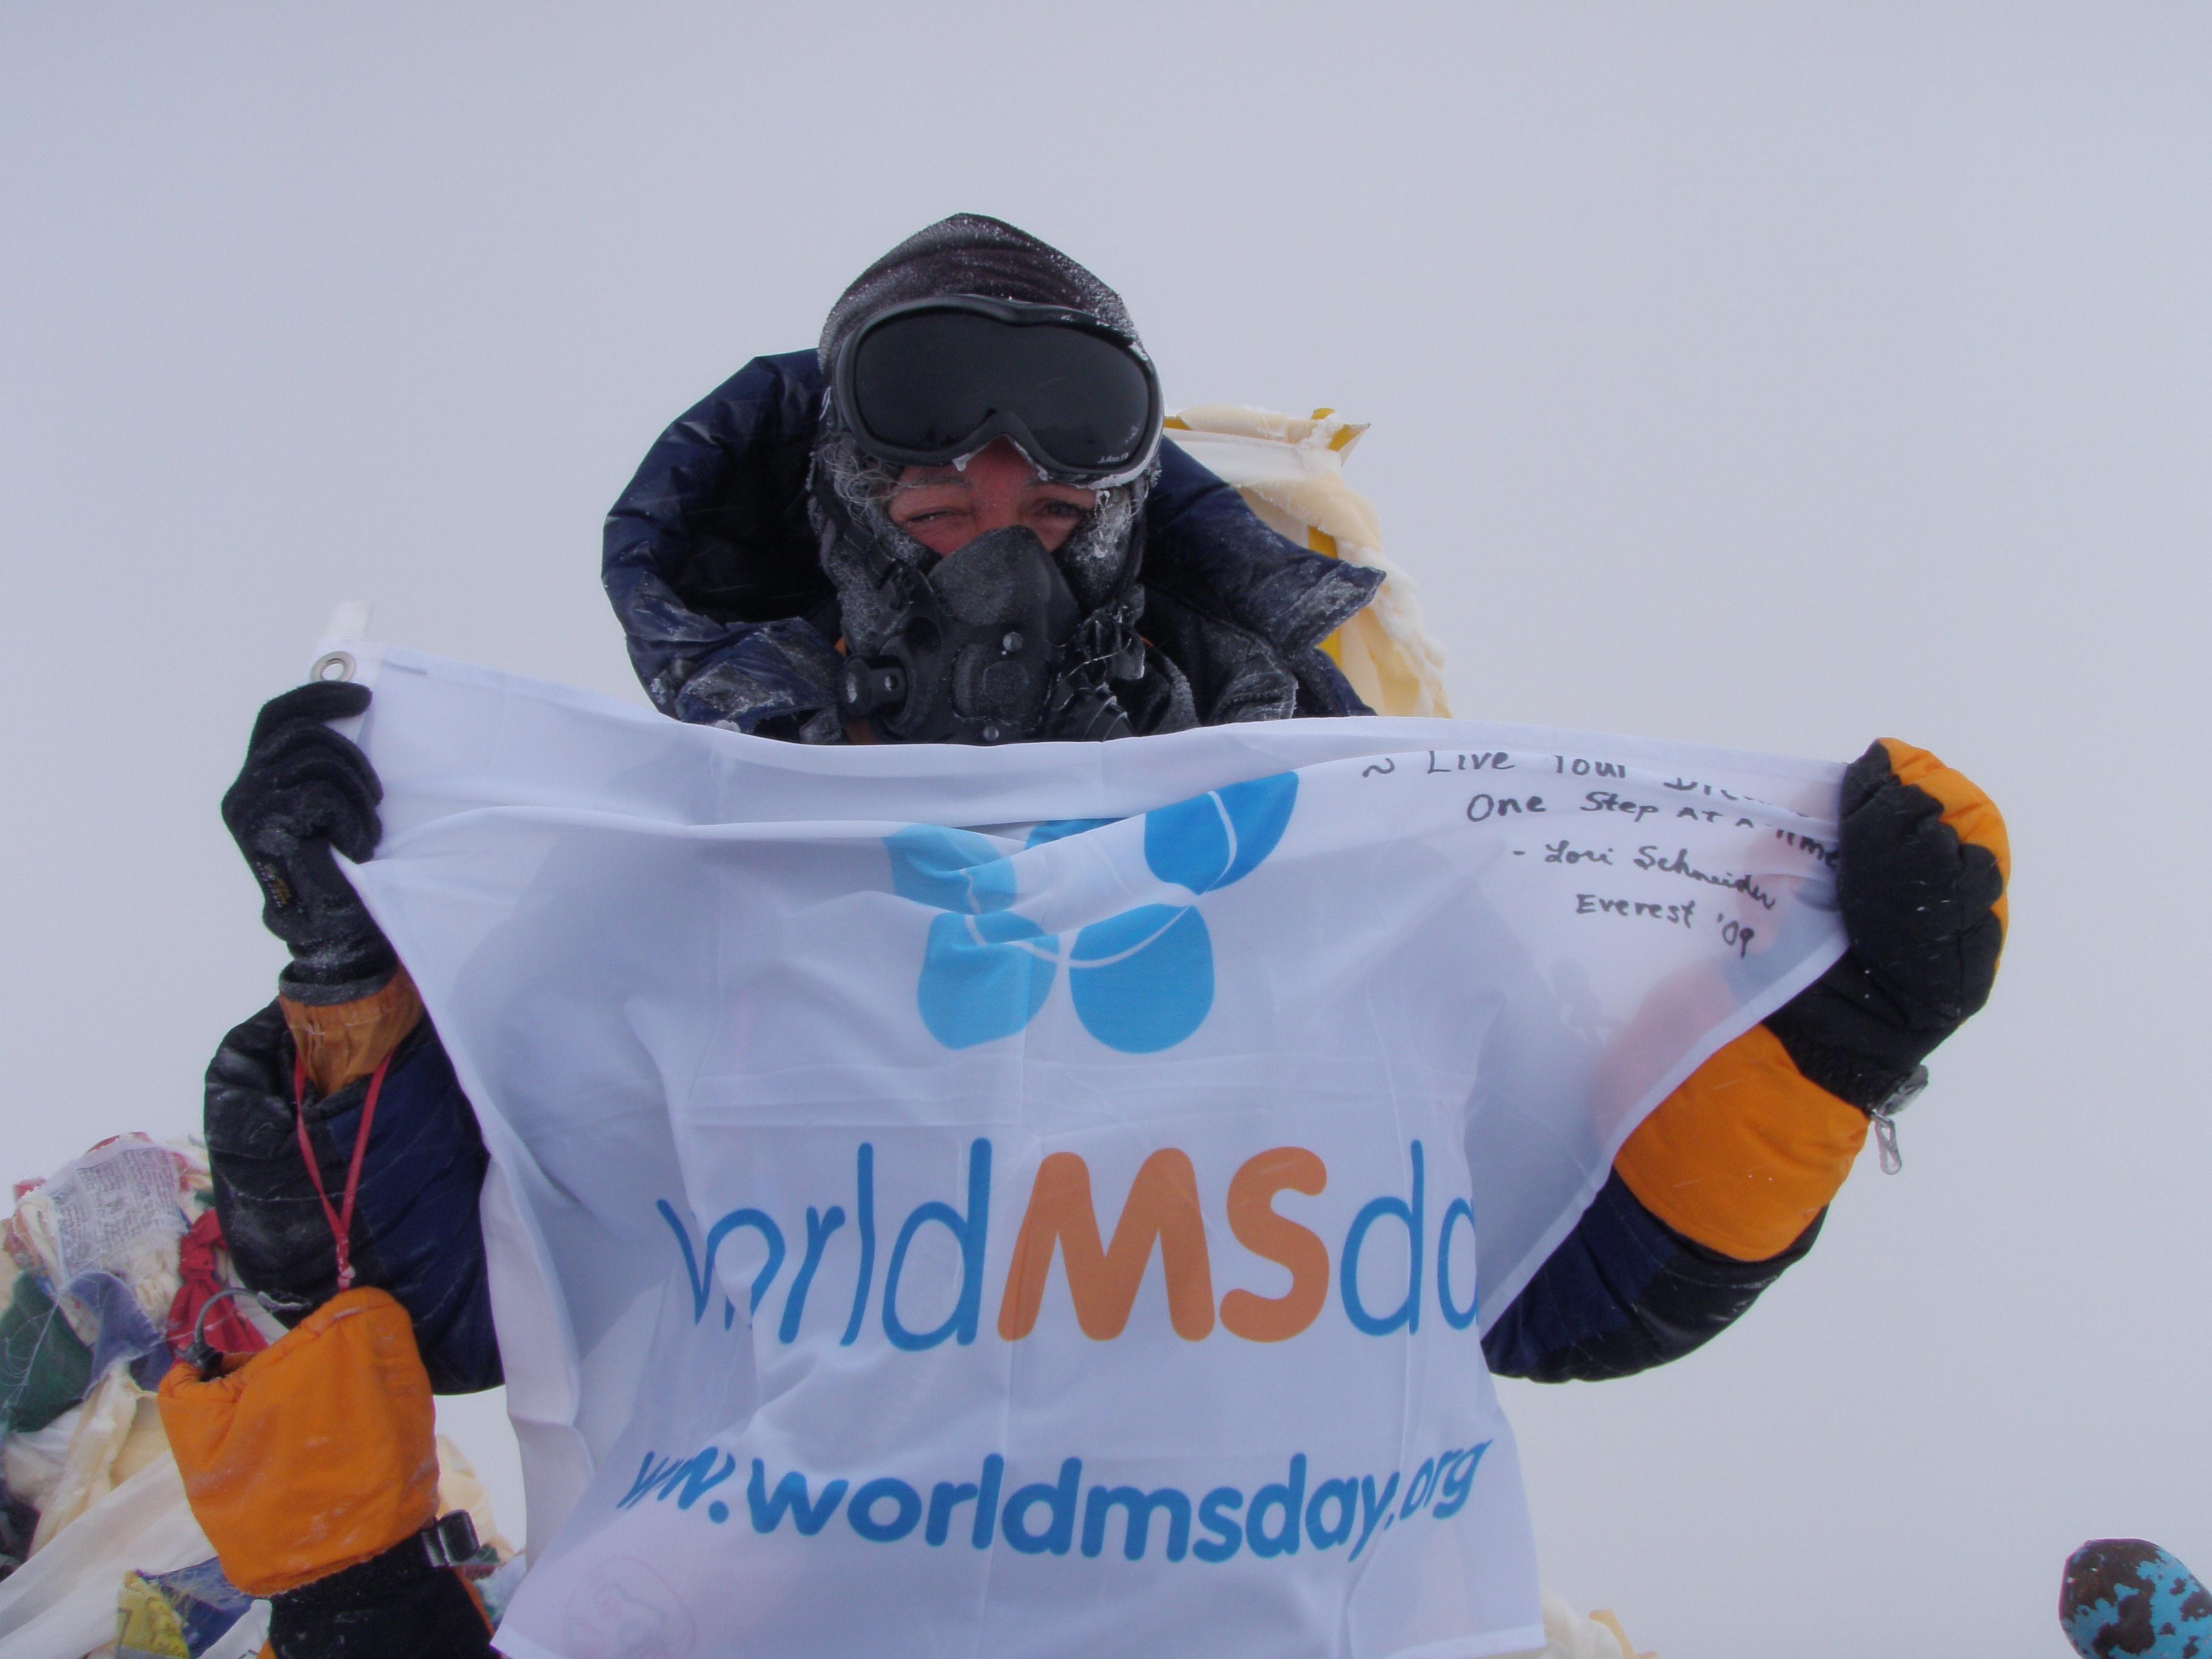 lori-schneider-on mount-everest-summit-with-world-ms-day-flag